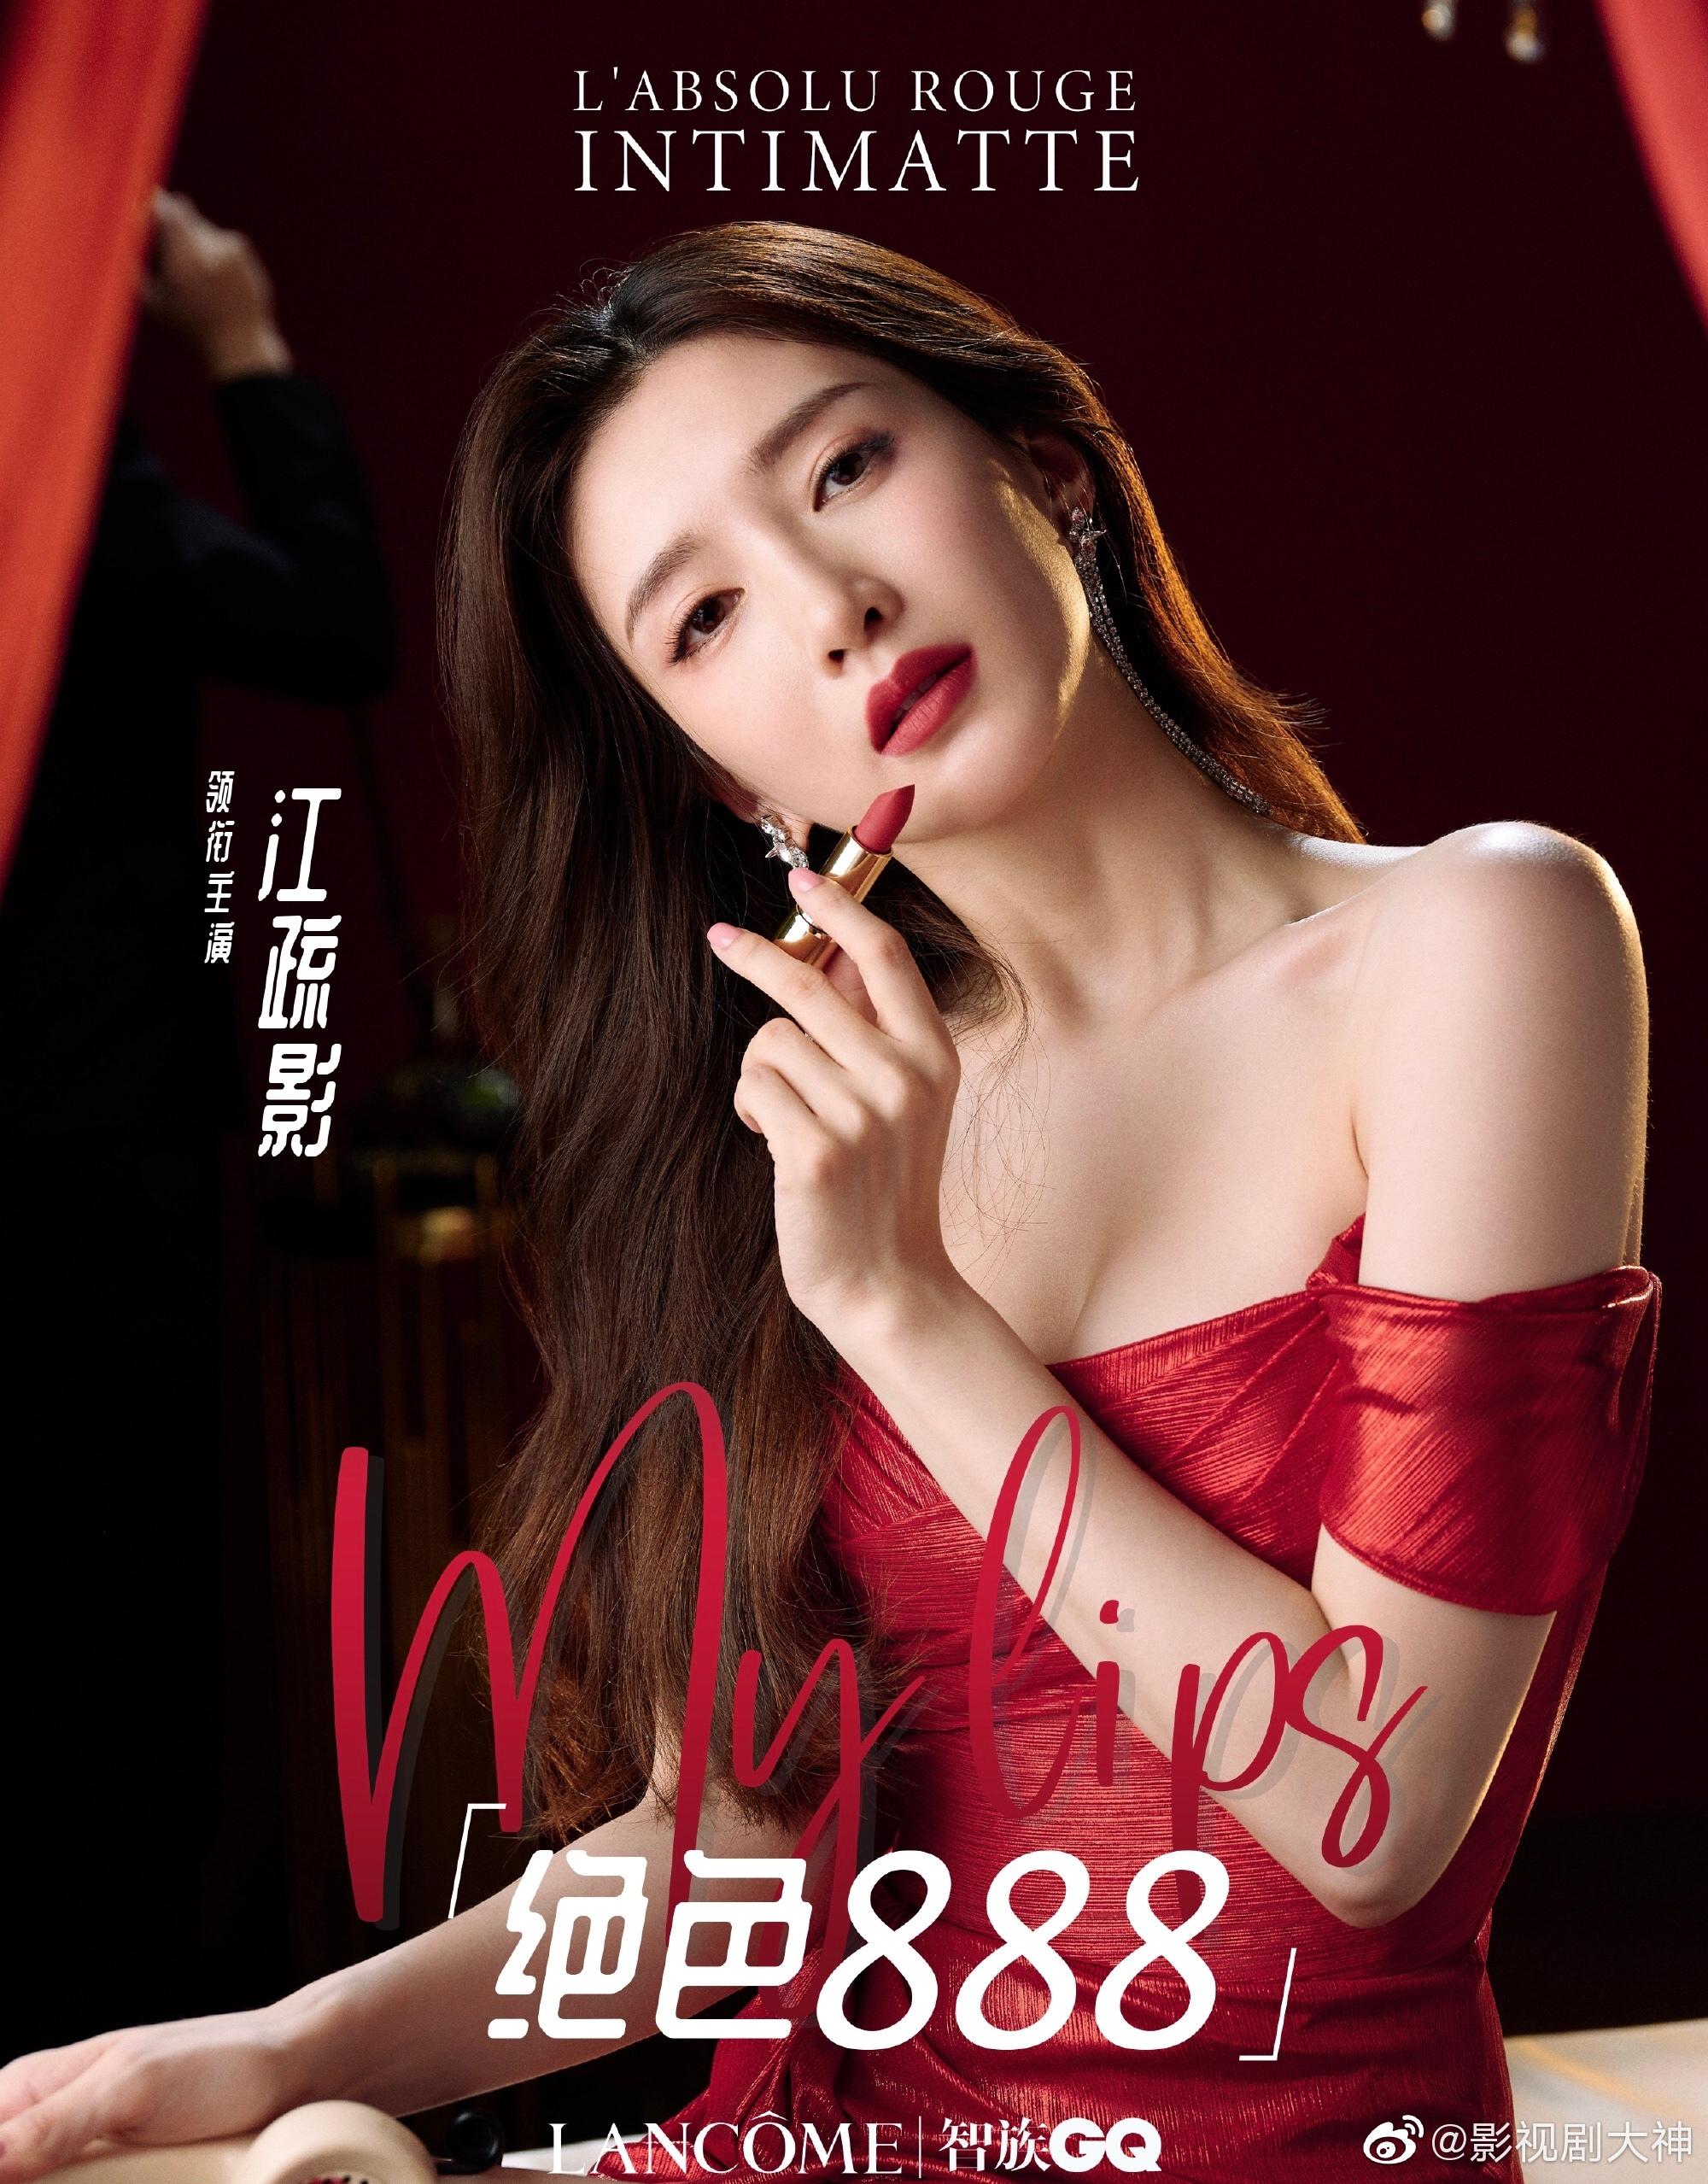 江疏影、刘涛、俞飞鸿、姜贞羽、金晨、周也拍摄的同一品牌广告